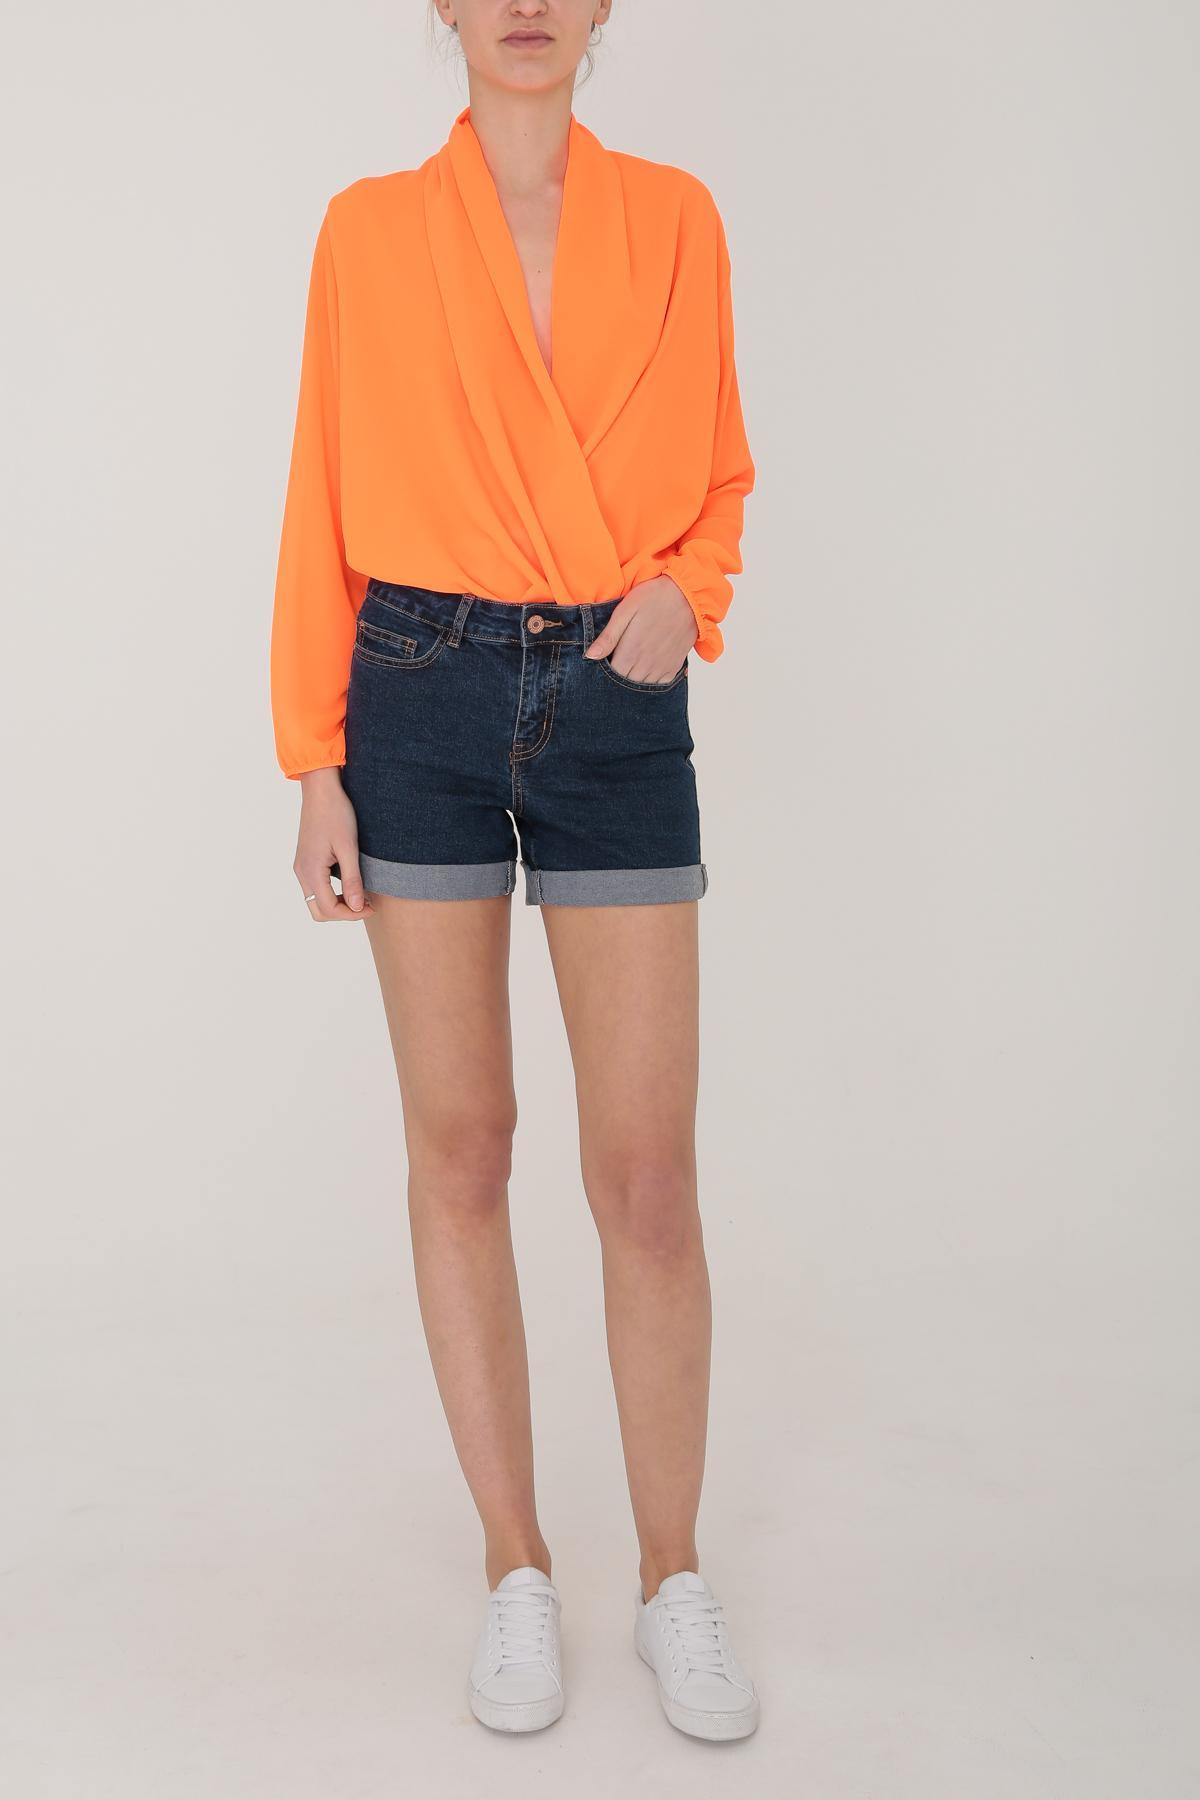 Bodies Femme Orange fluo ELLE STYLE 71002 #c eFashion Paris